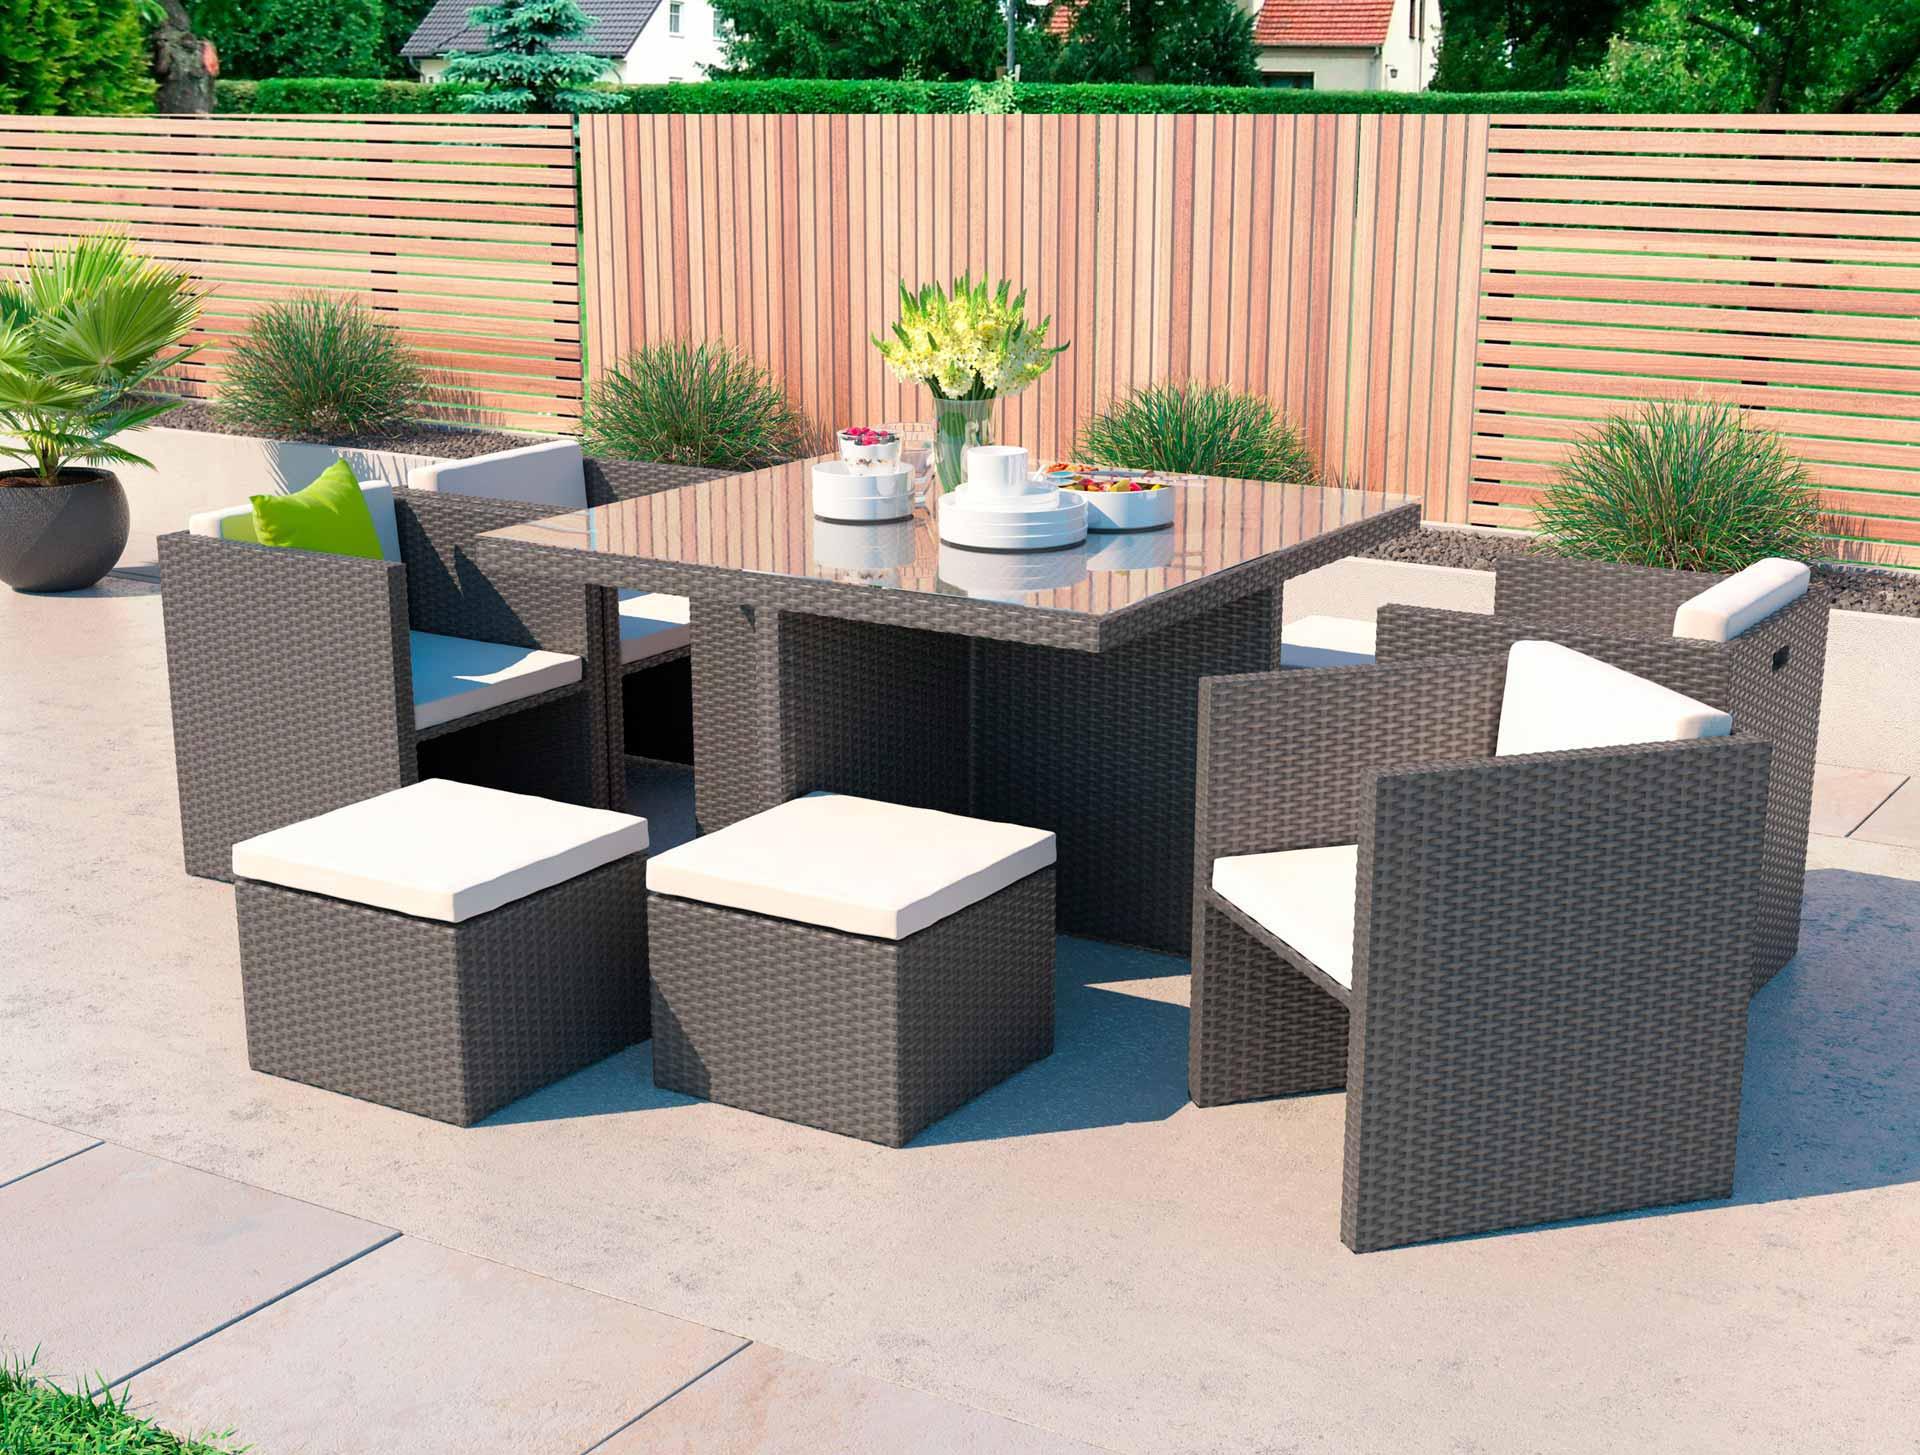 artelia jetzt die polyrattan sitzgruppe boreas m f r 8 personen kaufen. Black Bedroom Furniture Sets. Home Design Ideas